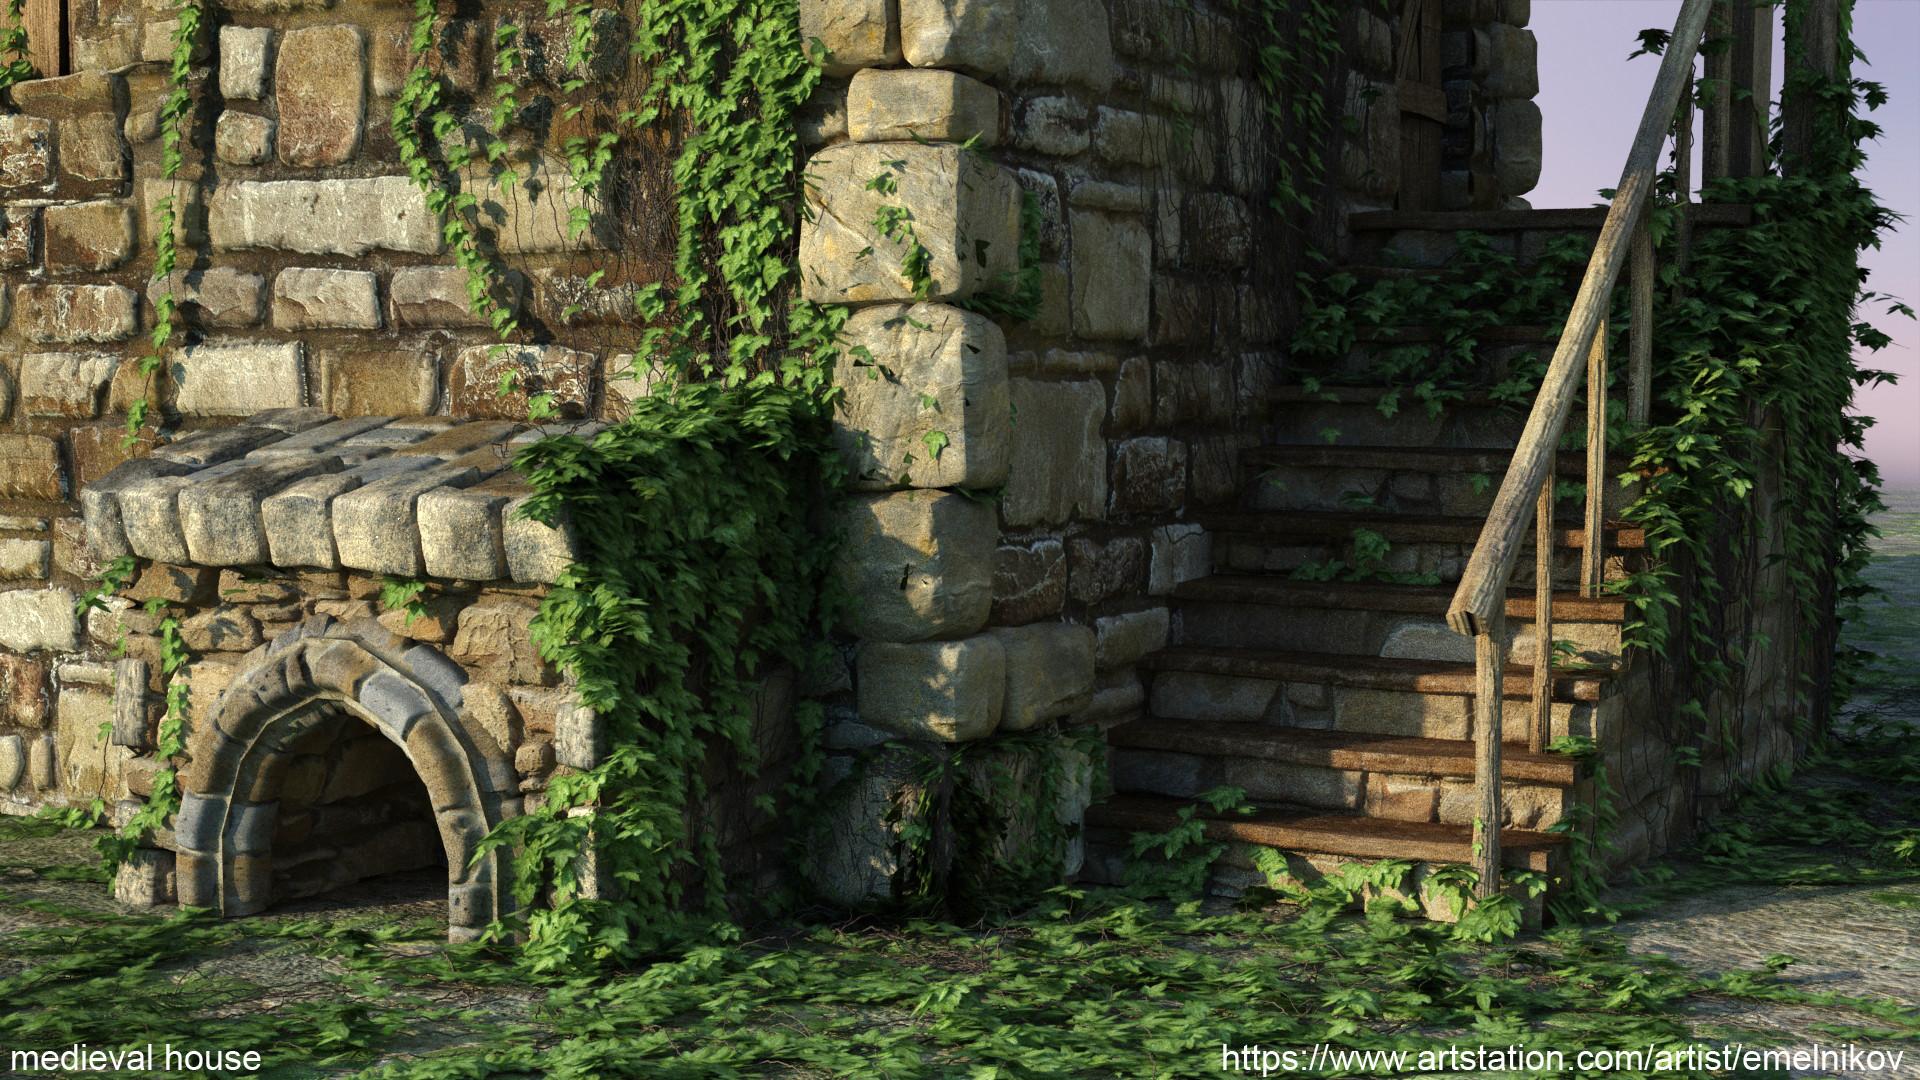 Eugene melnikov medieval house1 render frm11